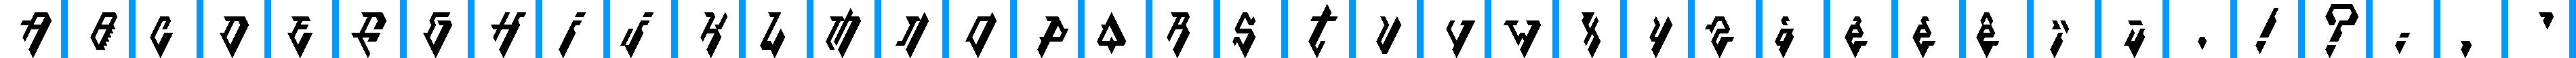 Particip-a-type v.24